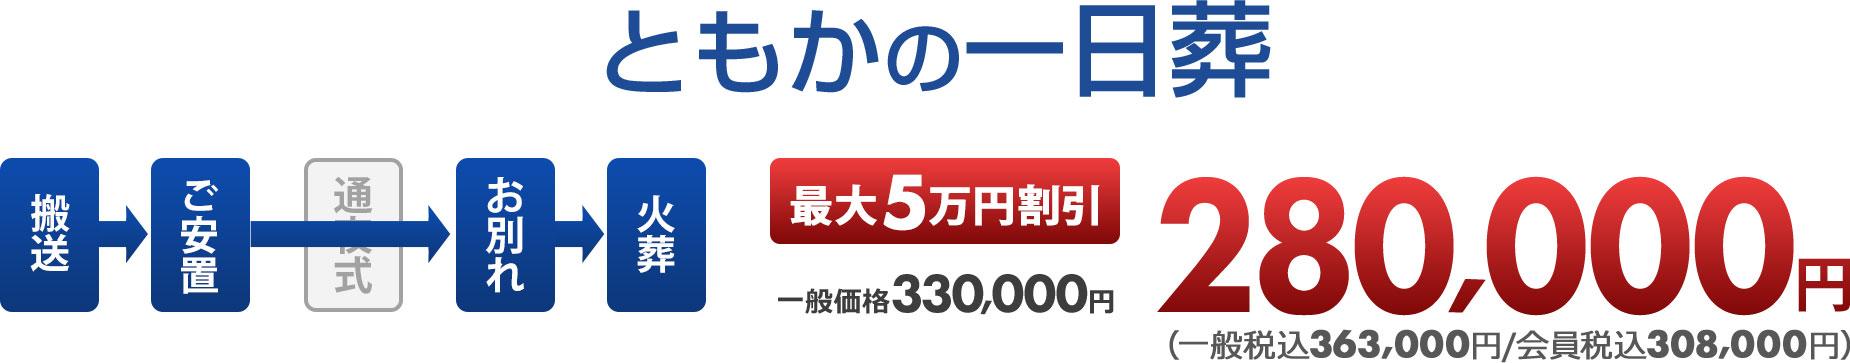 ともかの1日葬 価格:280,000円